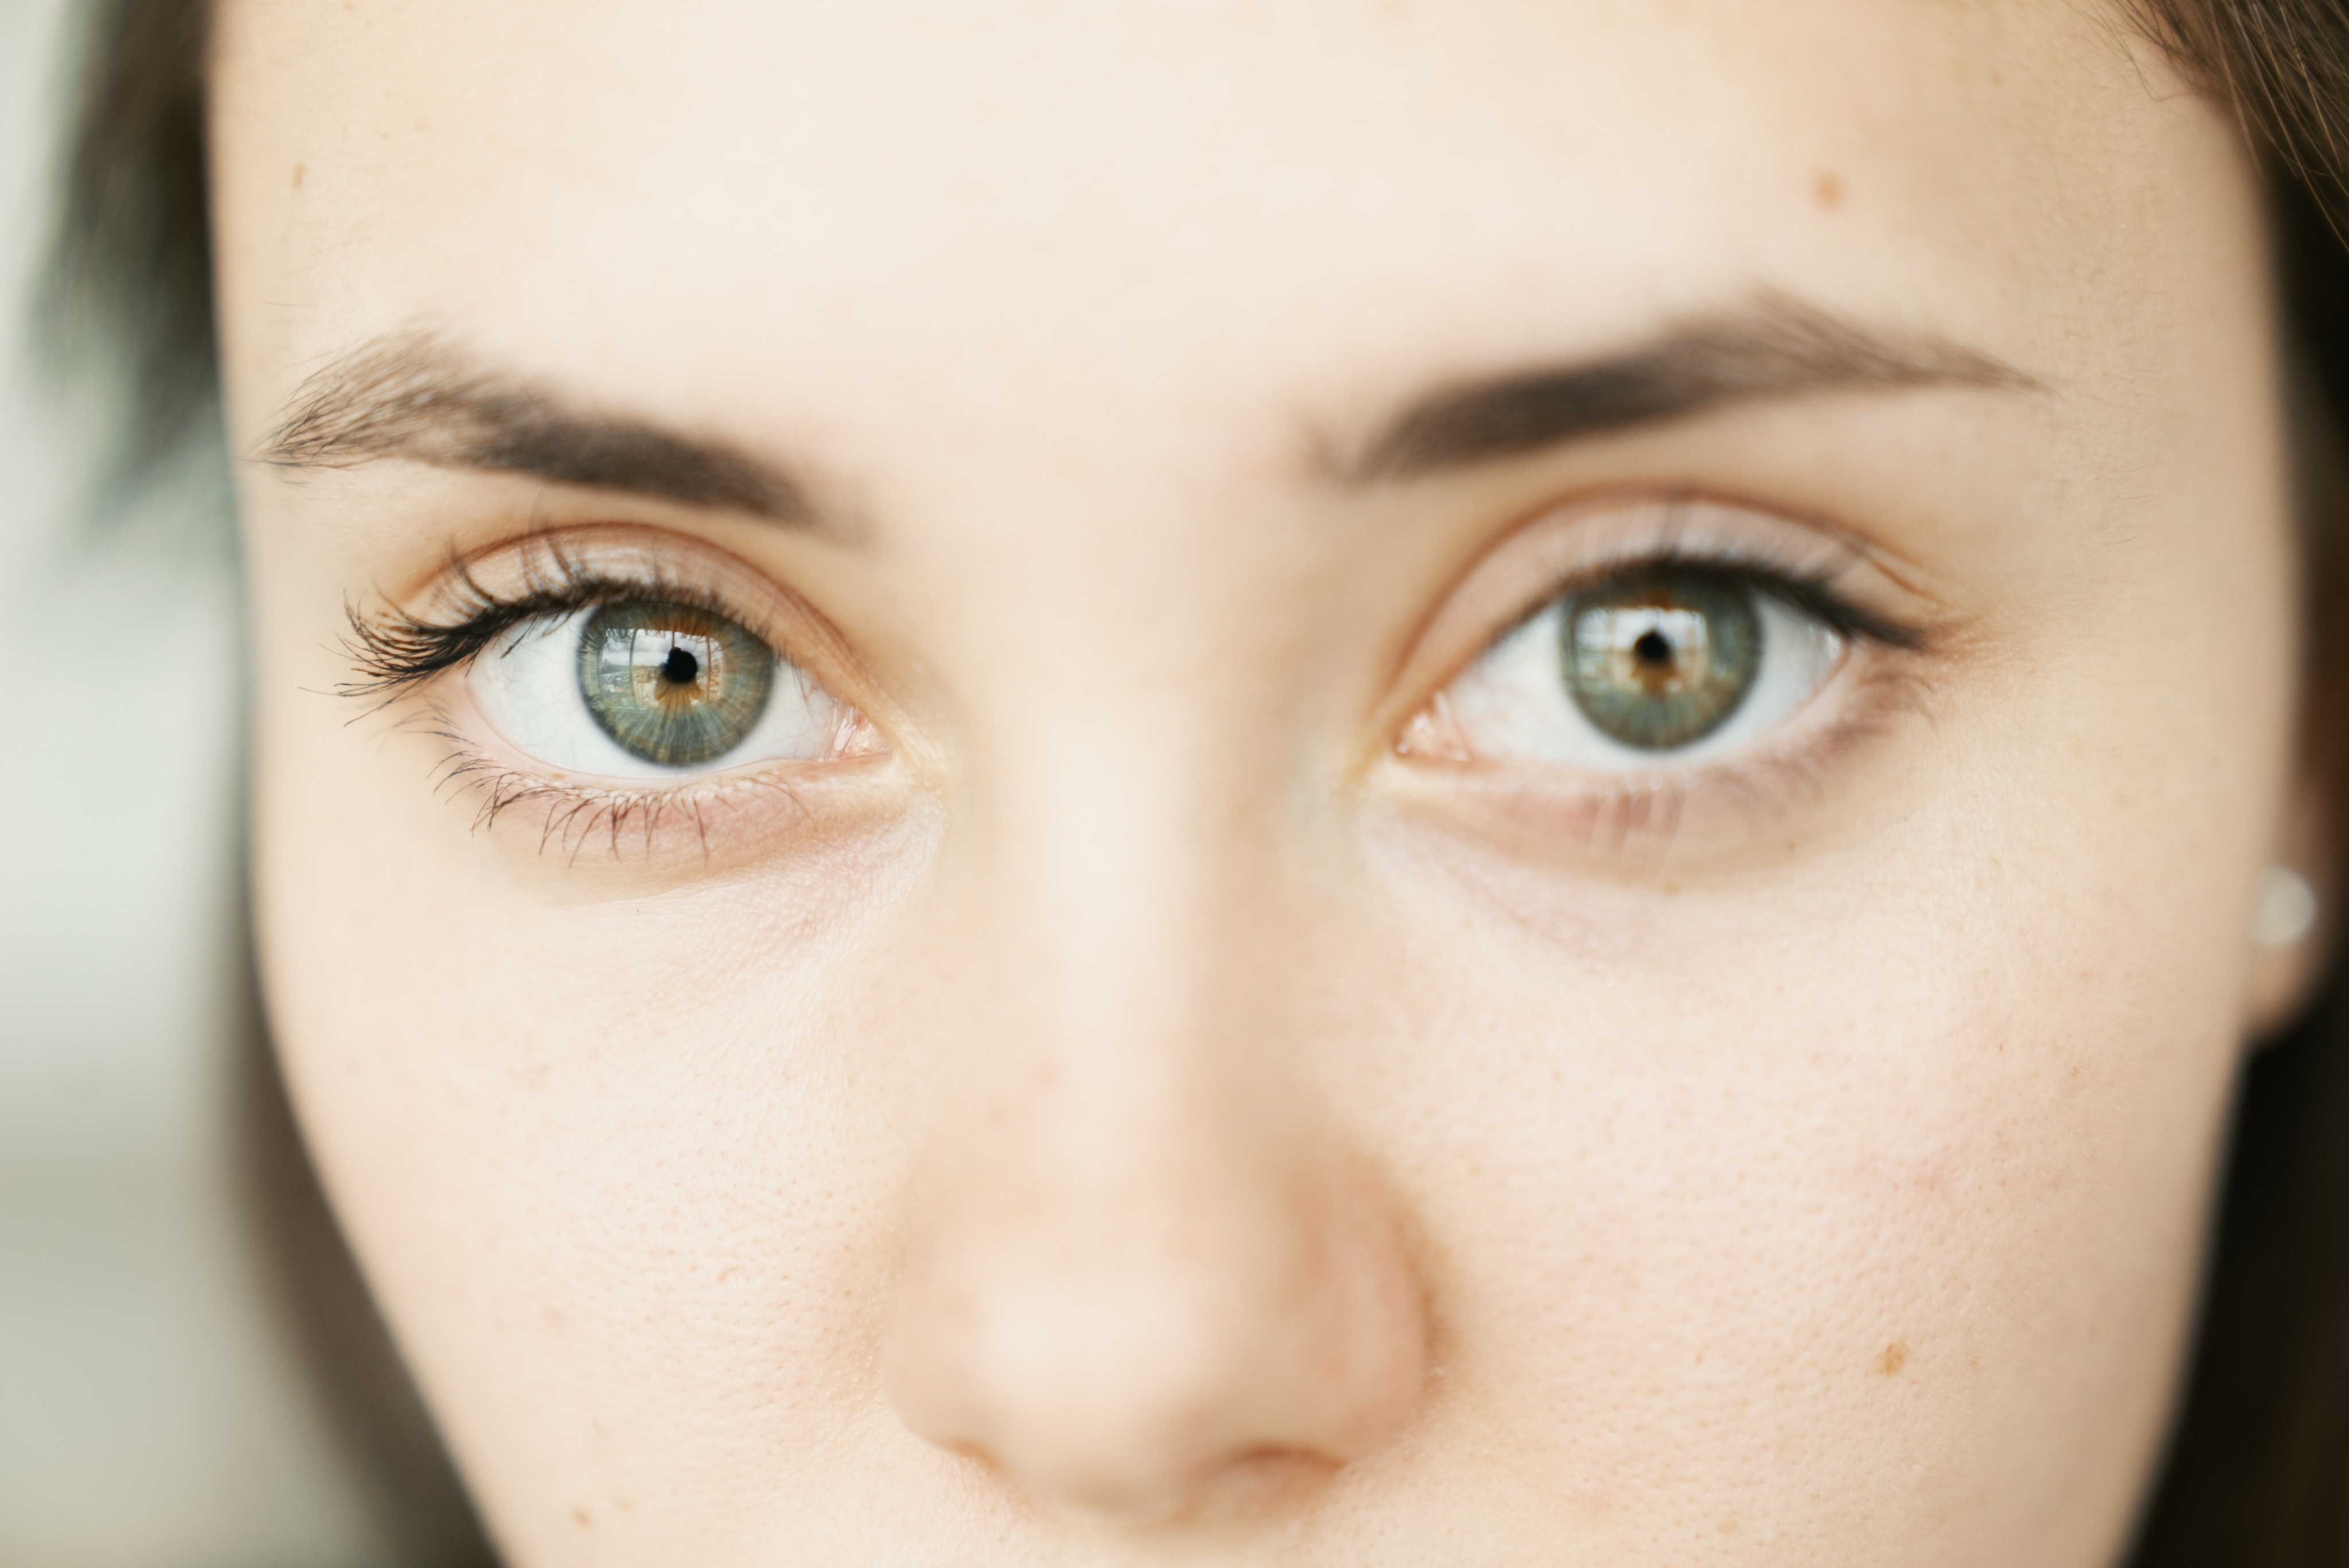 Как убрать синяки под глазами? ТОП-3 домашние процедуры